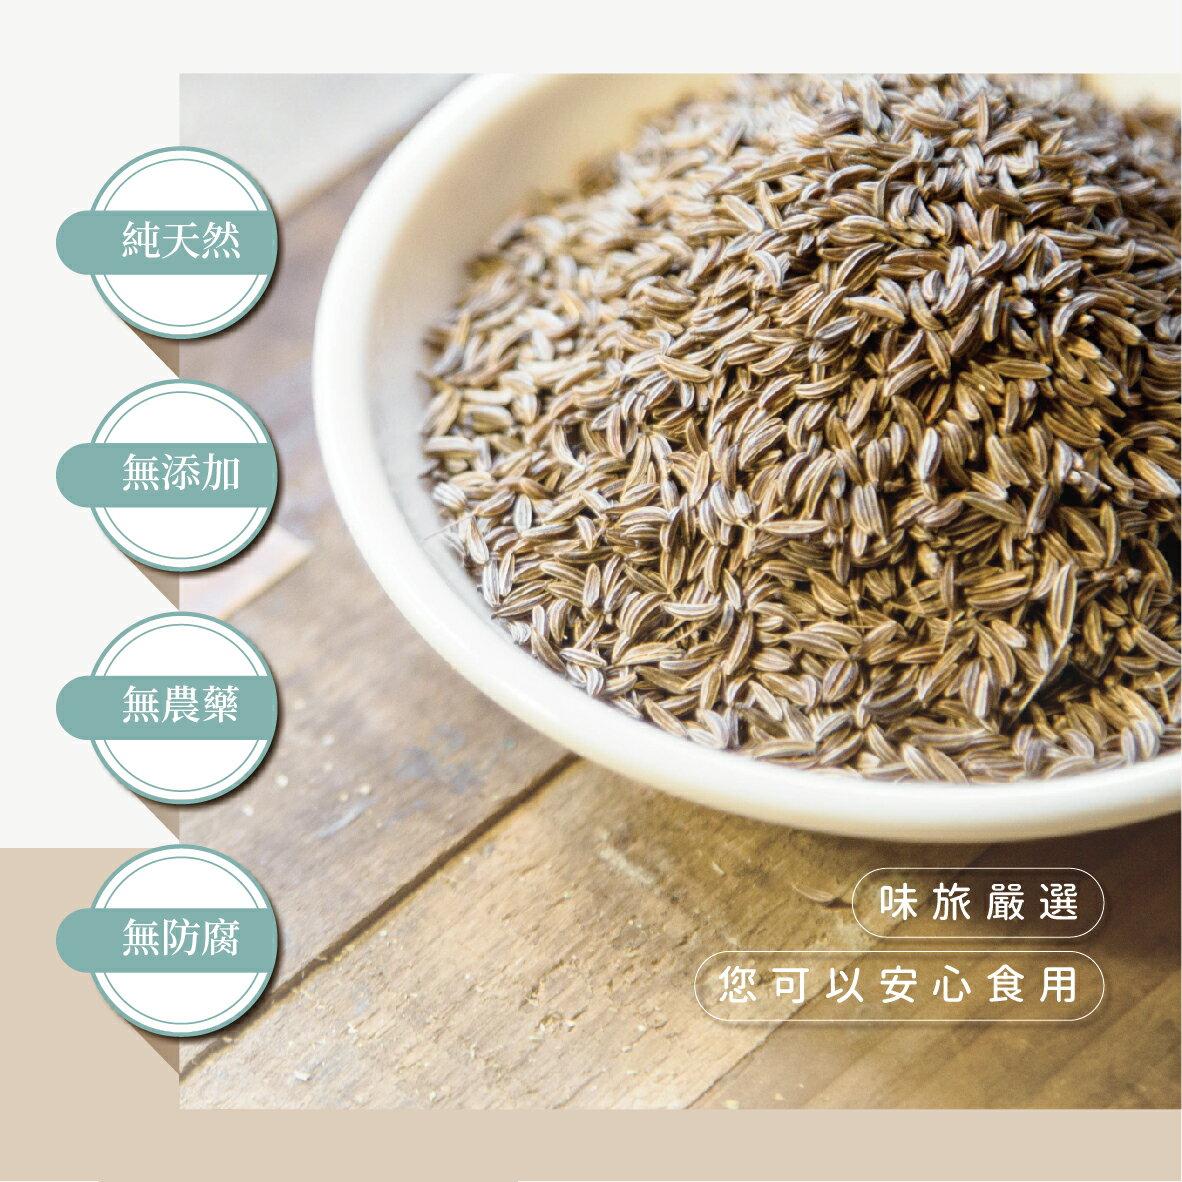 【味旅嚴選】|凱莉茴香|葛縷子|Caraway Seeds|茴香系列|50g【A188】